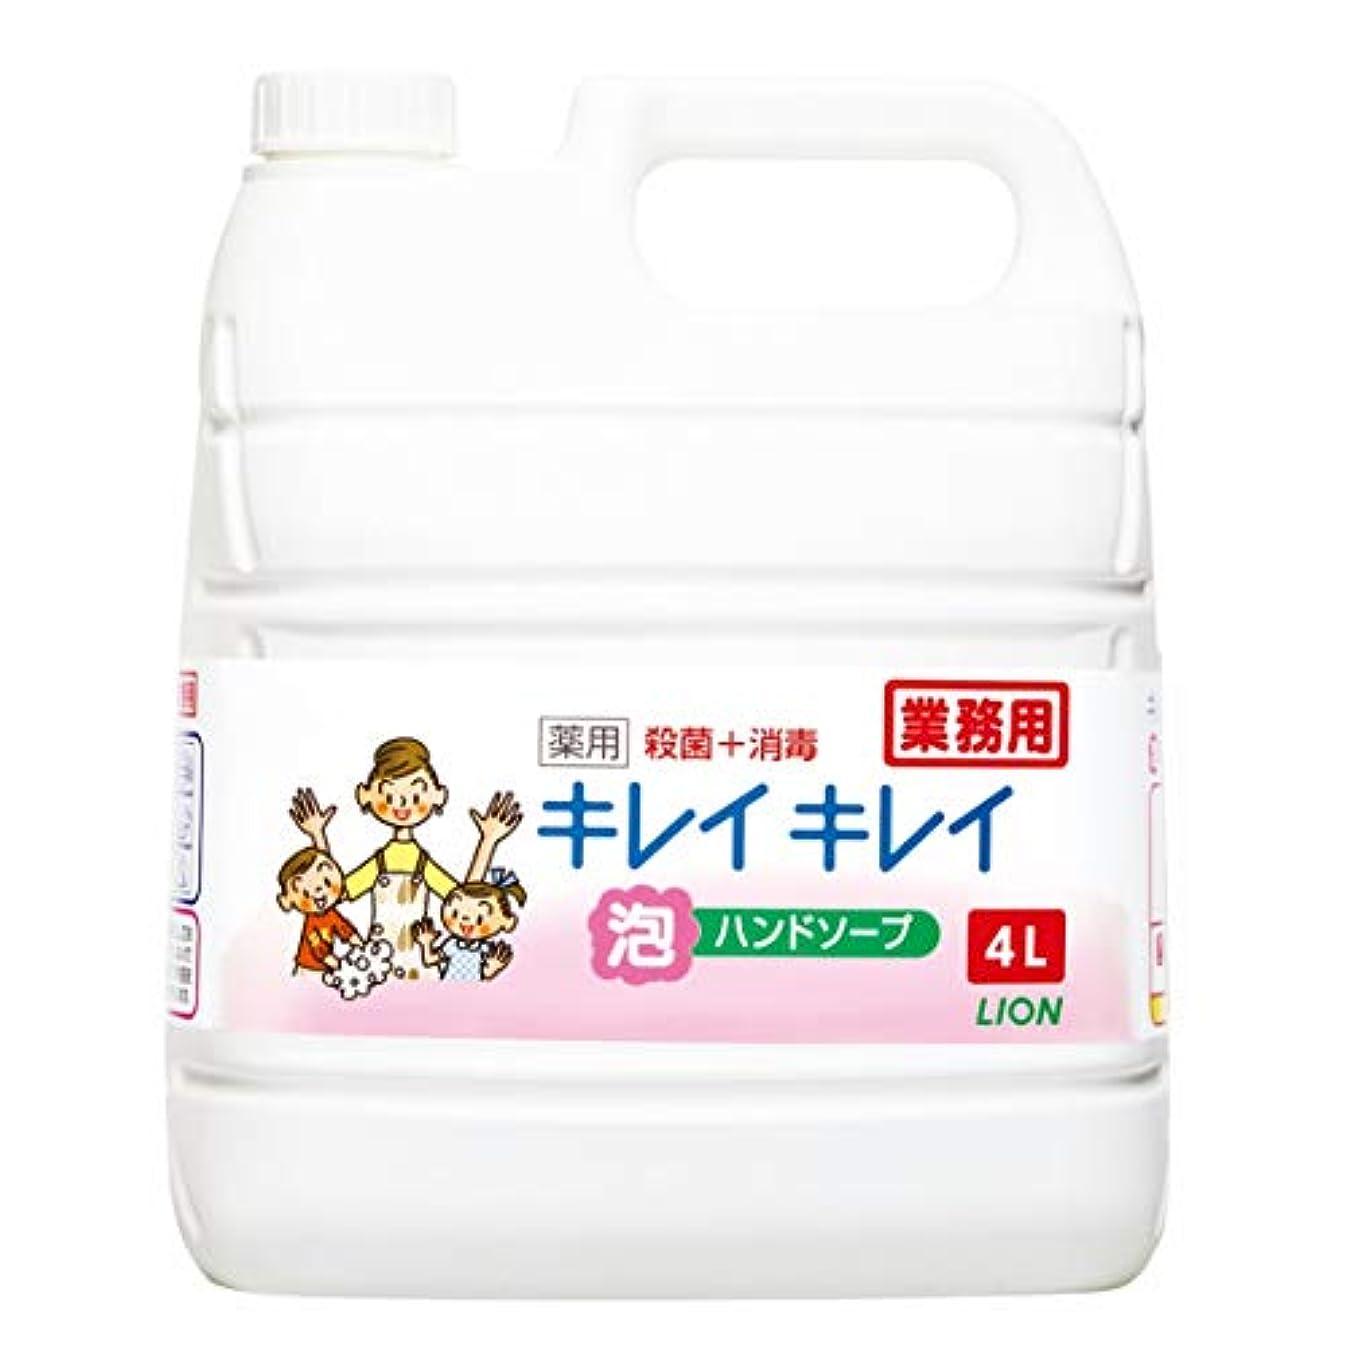 議会そっと製品【業務用 大容量】キレイキレイ 薬用 泡ハンドソープ シトラスフルーティの香り 液体 単品 4L(医薬部外品)